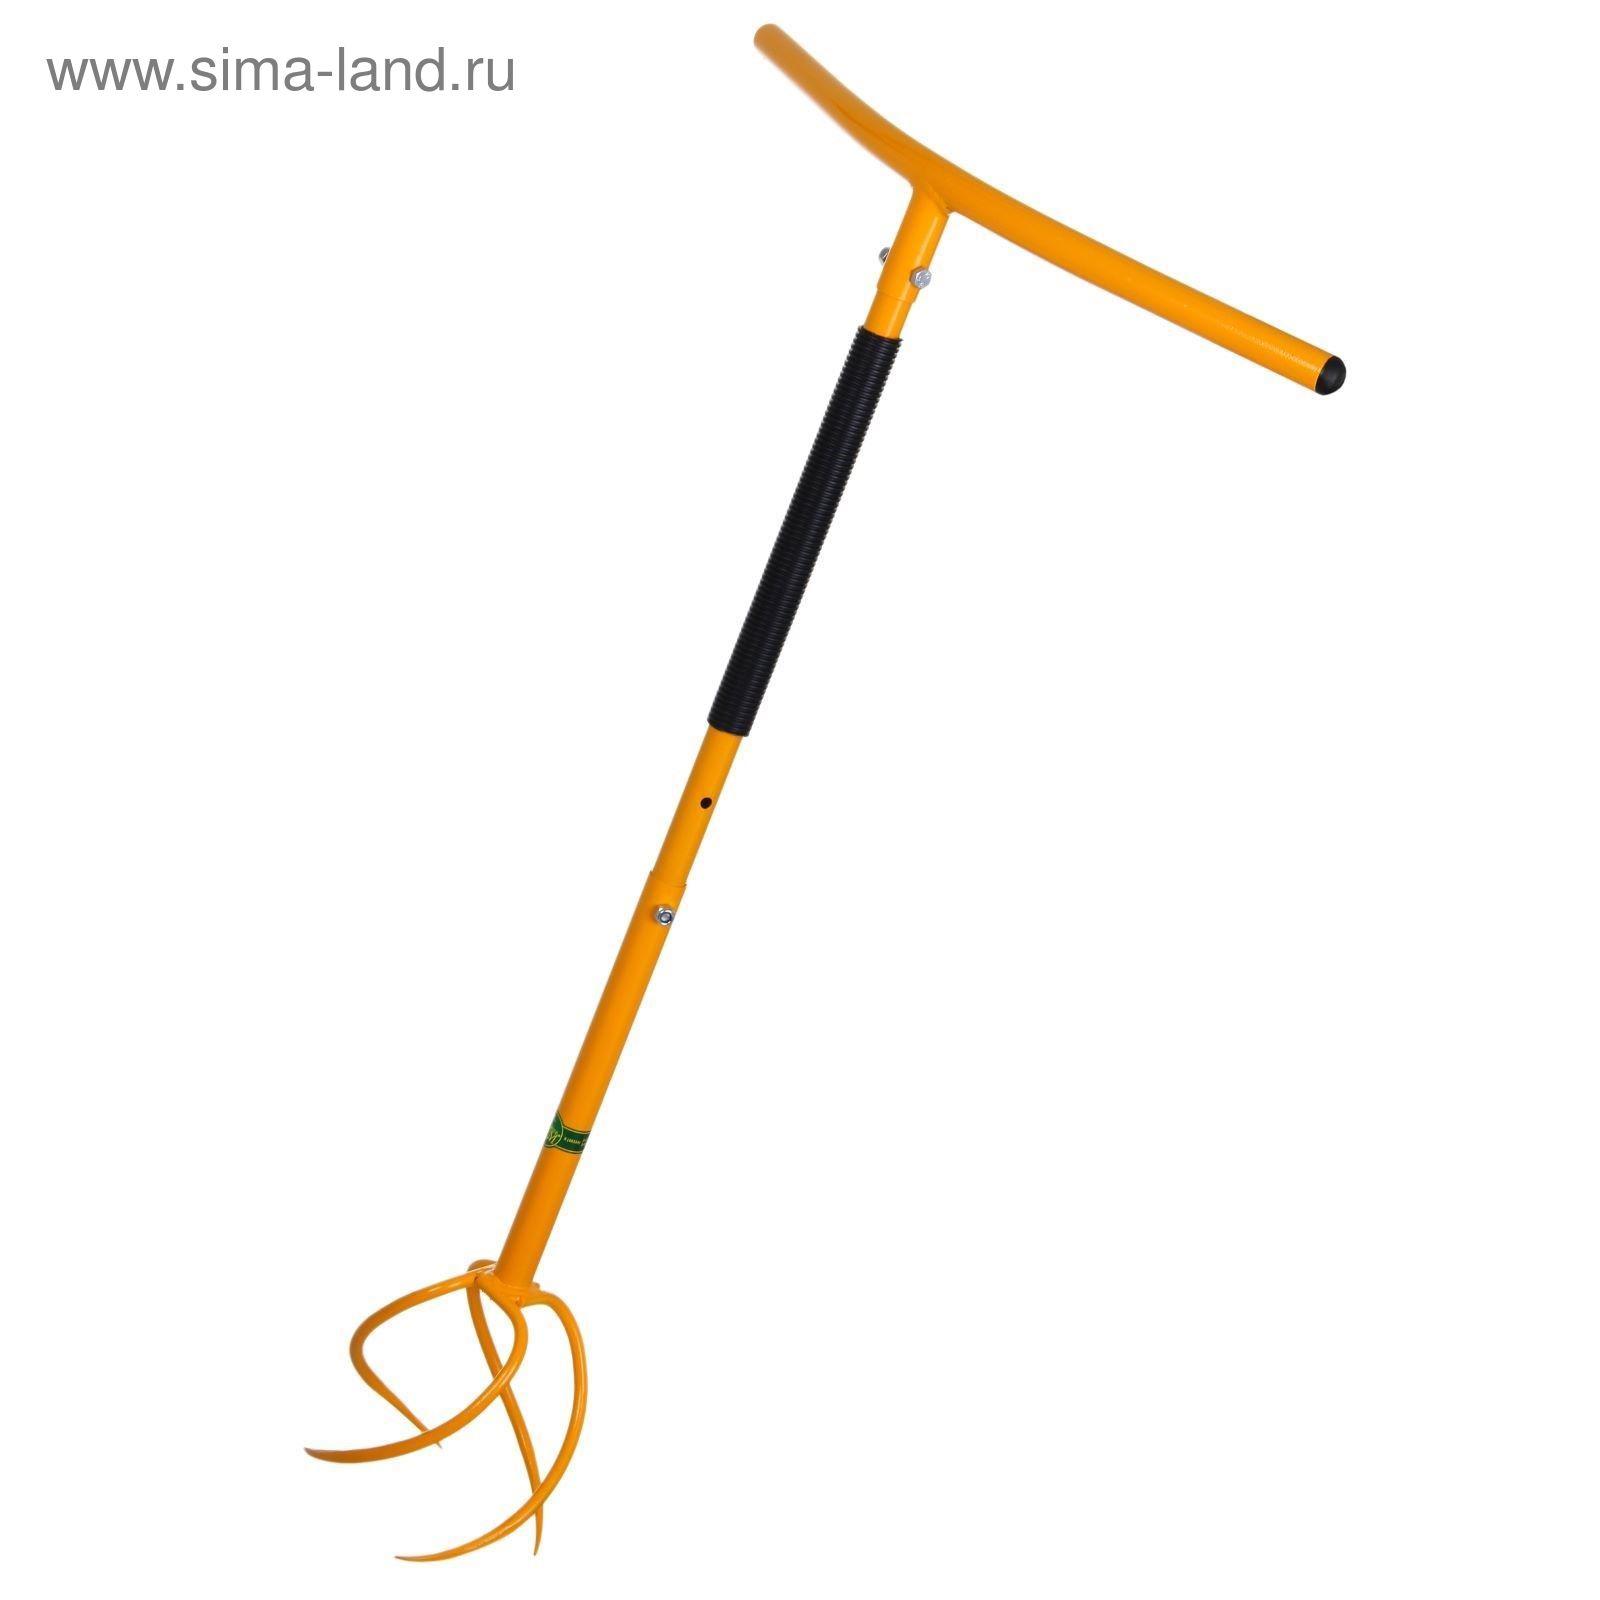 инструмент торнадо